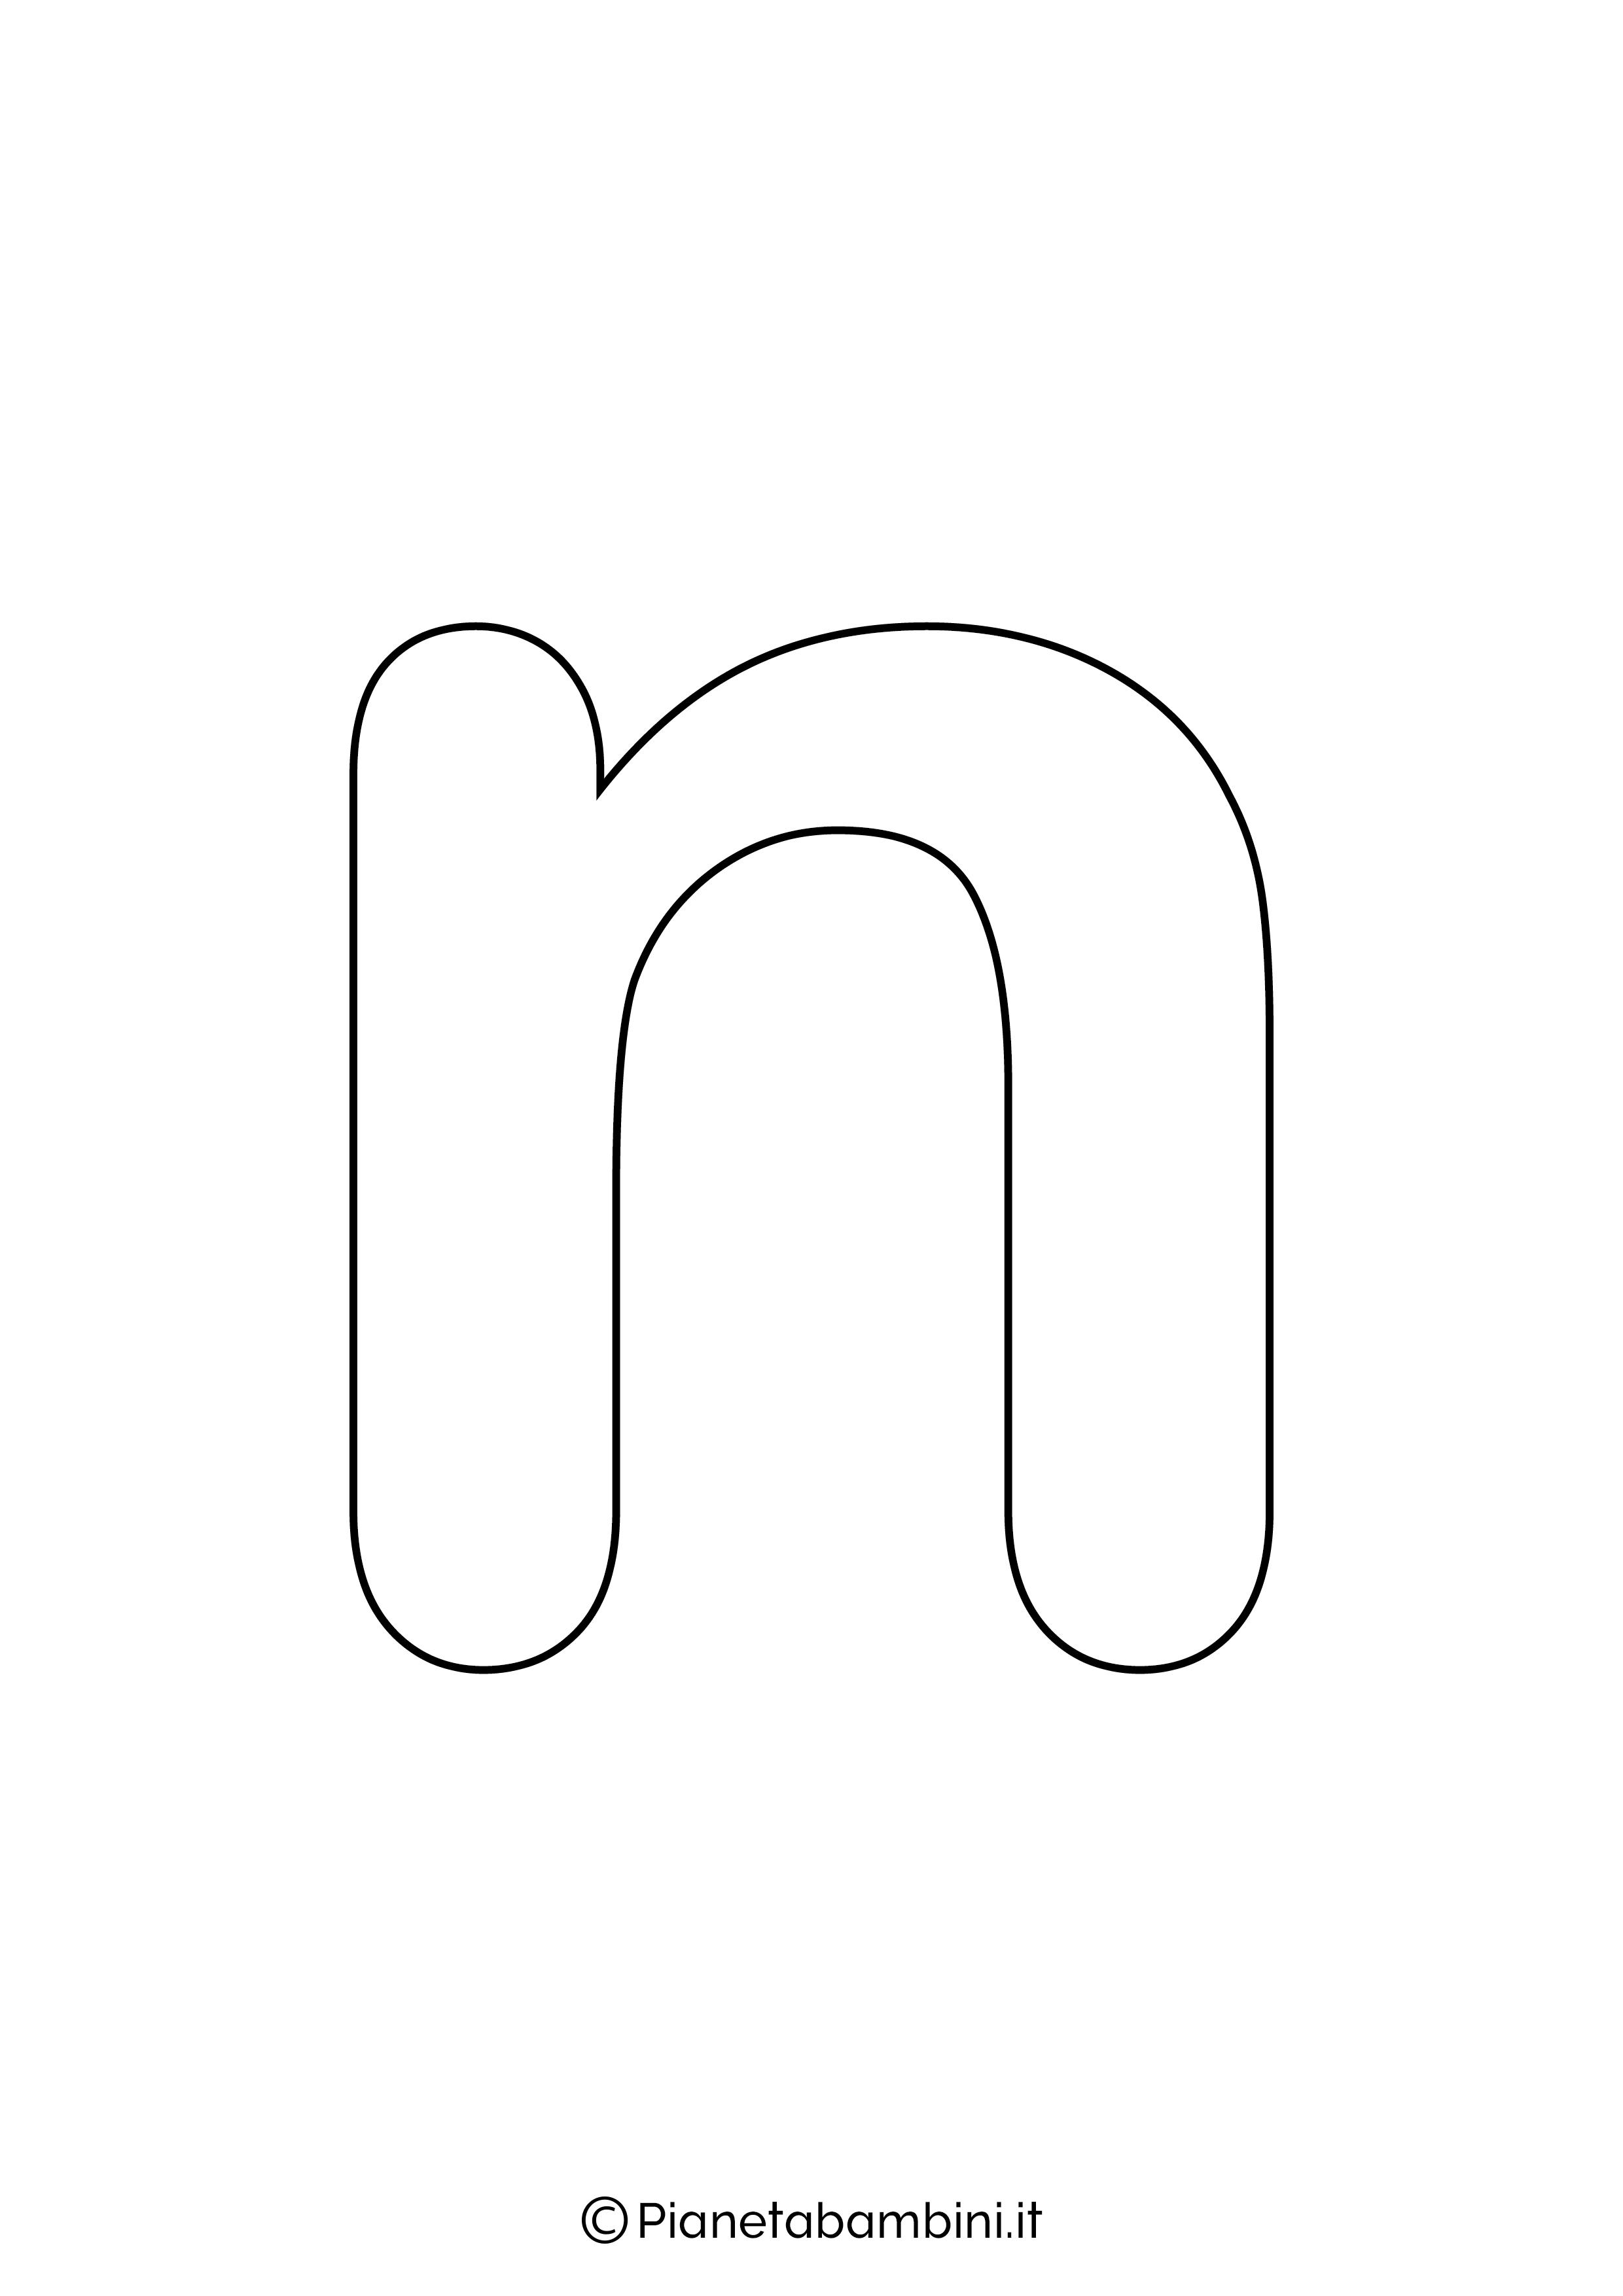 Lettera N minuscola da stampare